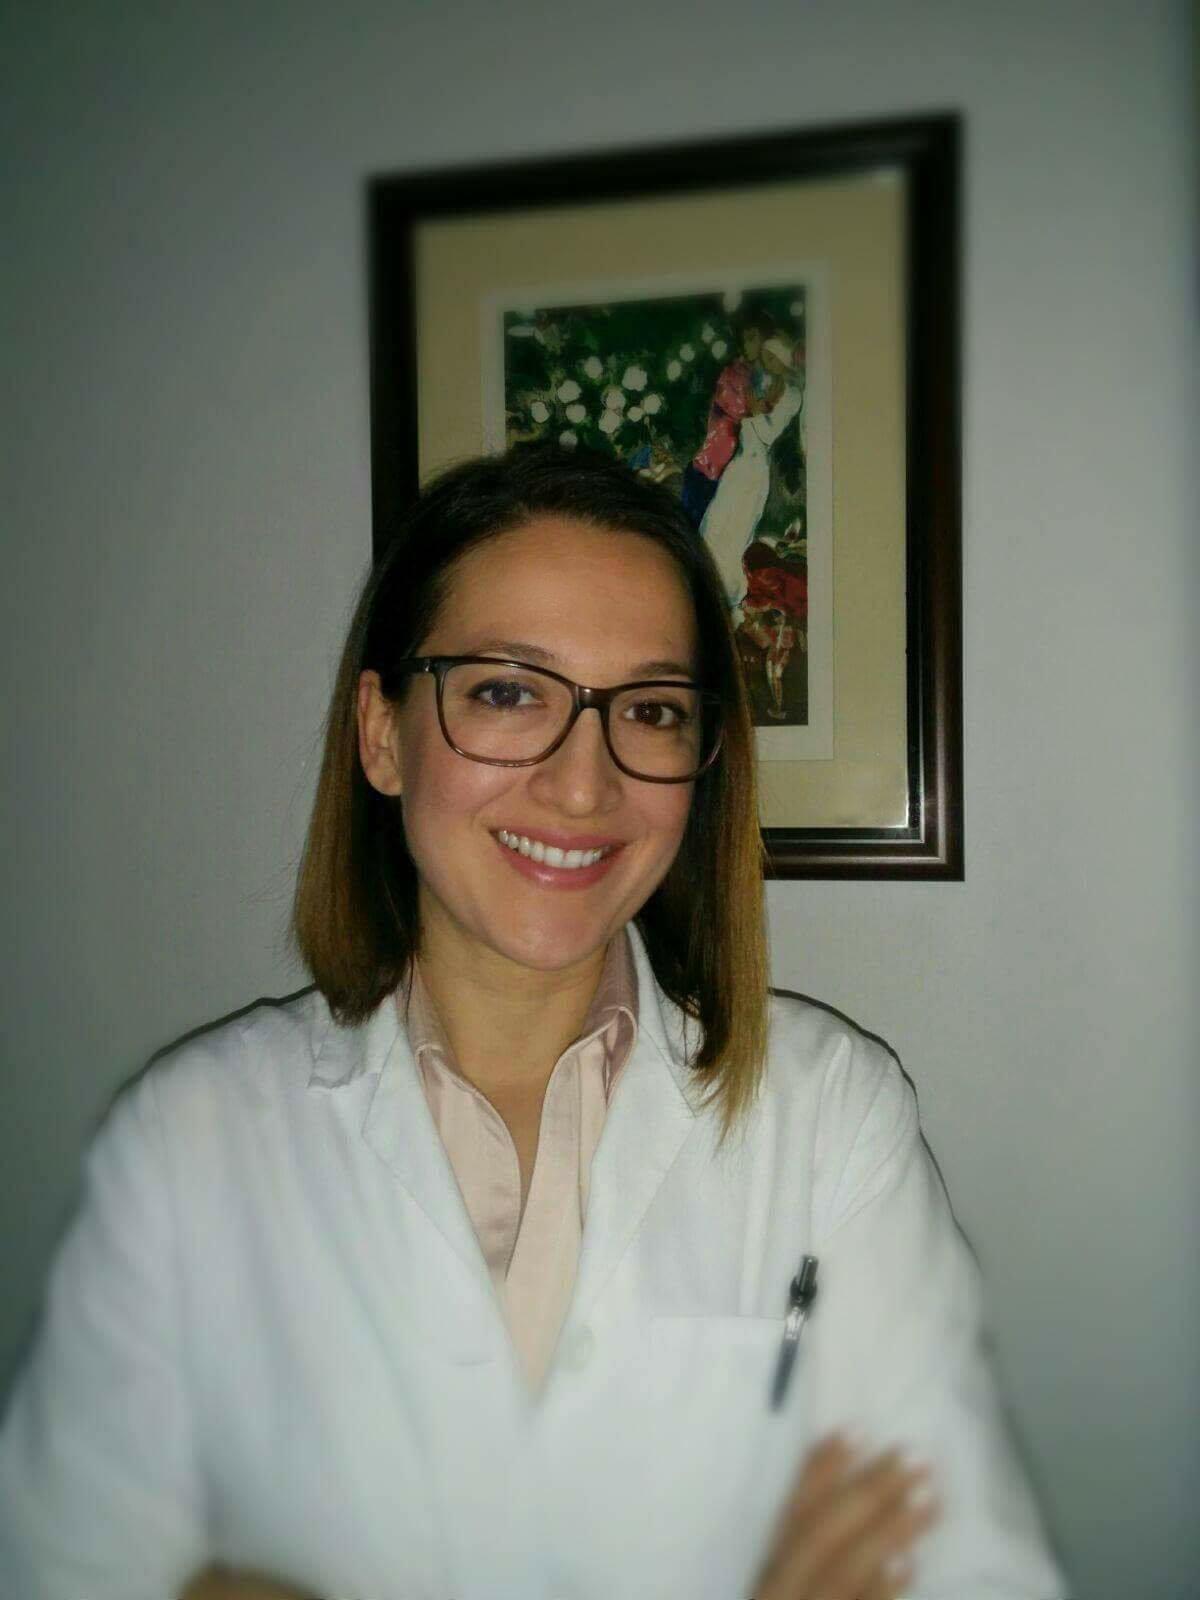 Ljiljana Marina, EYES Committee member